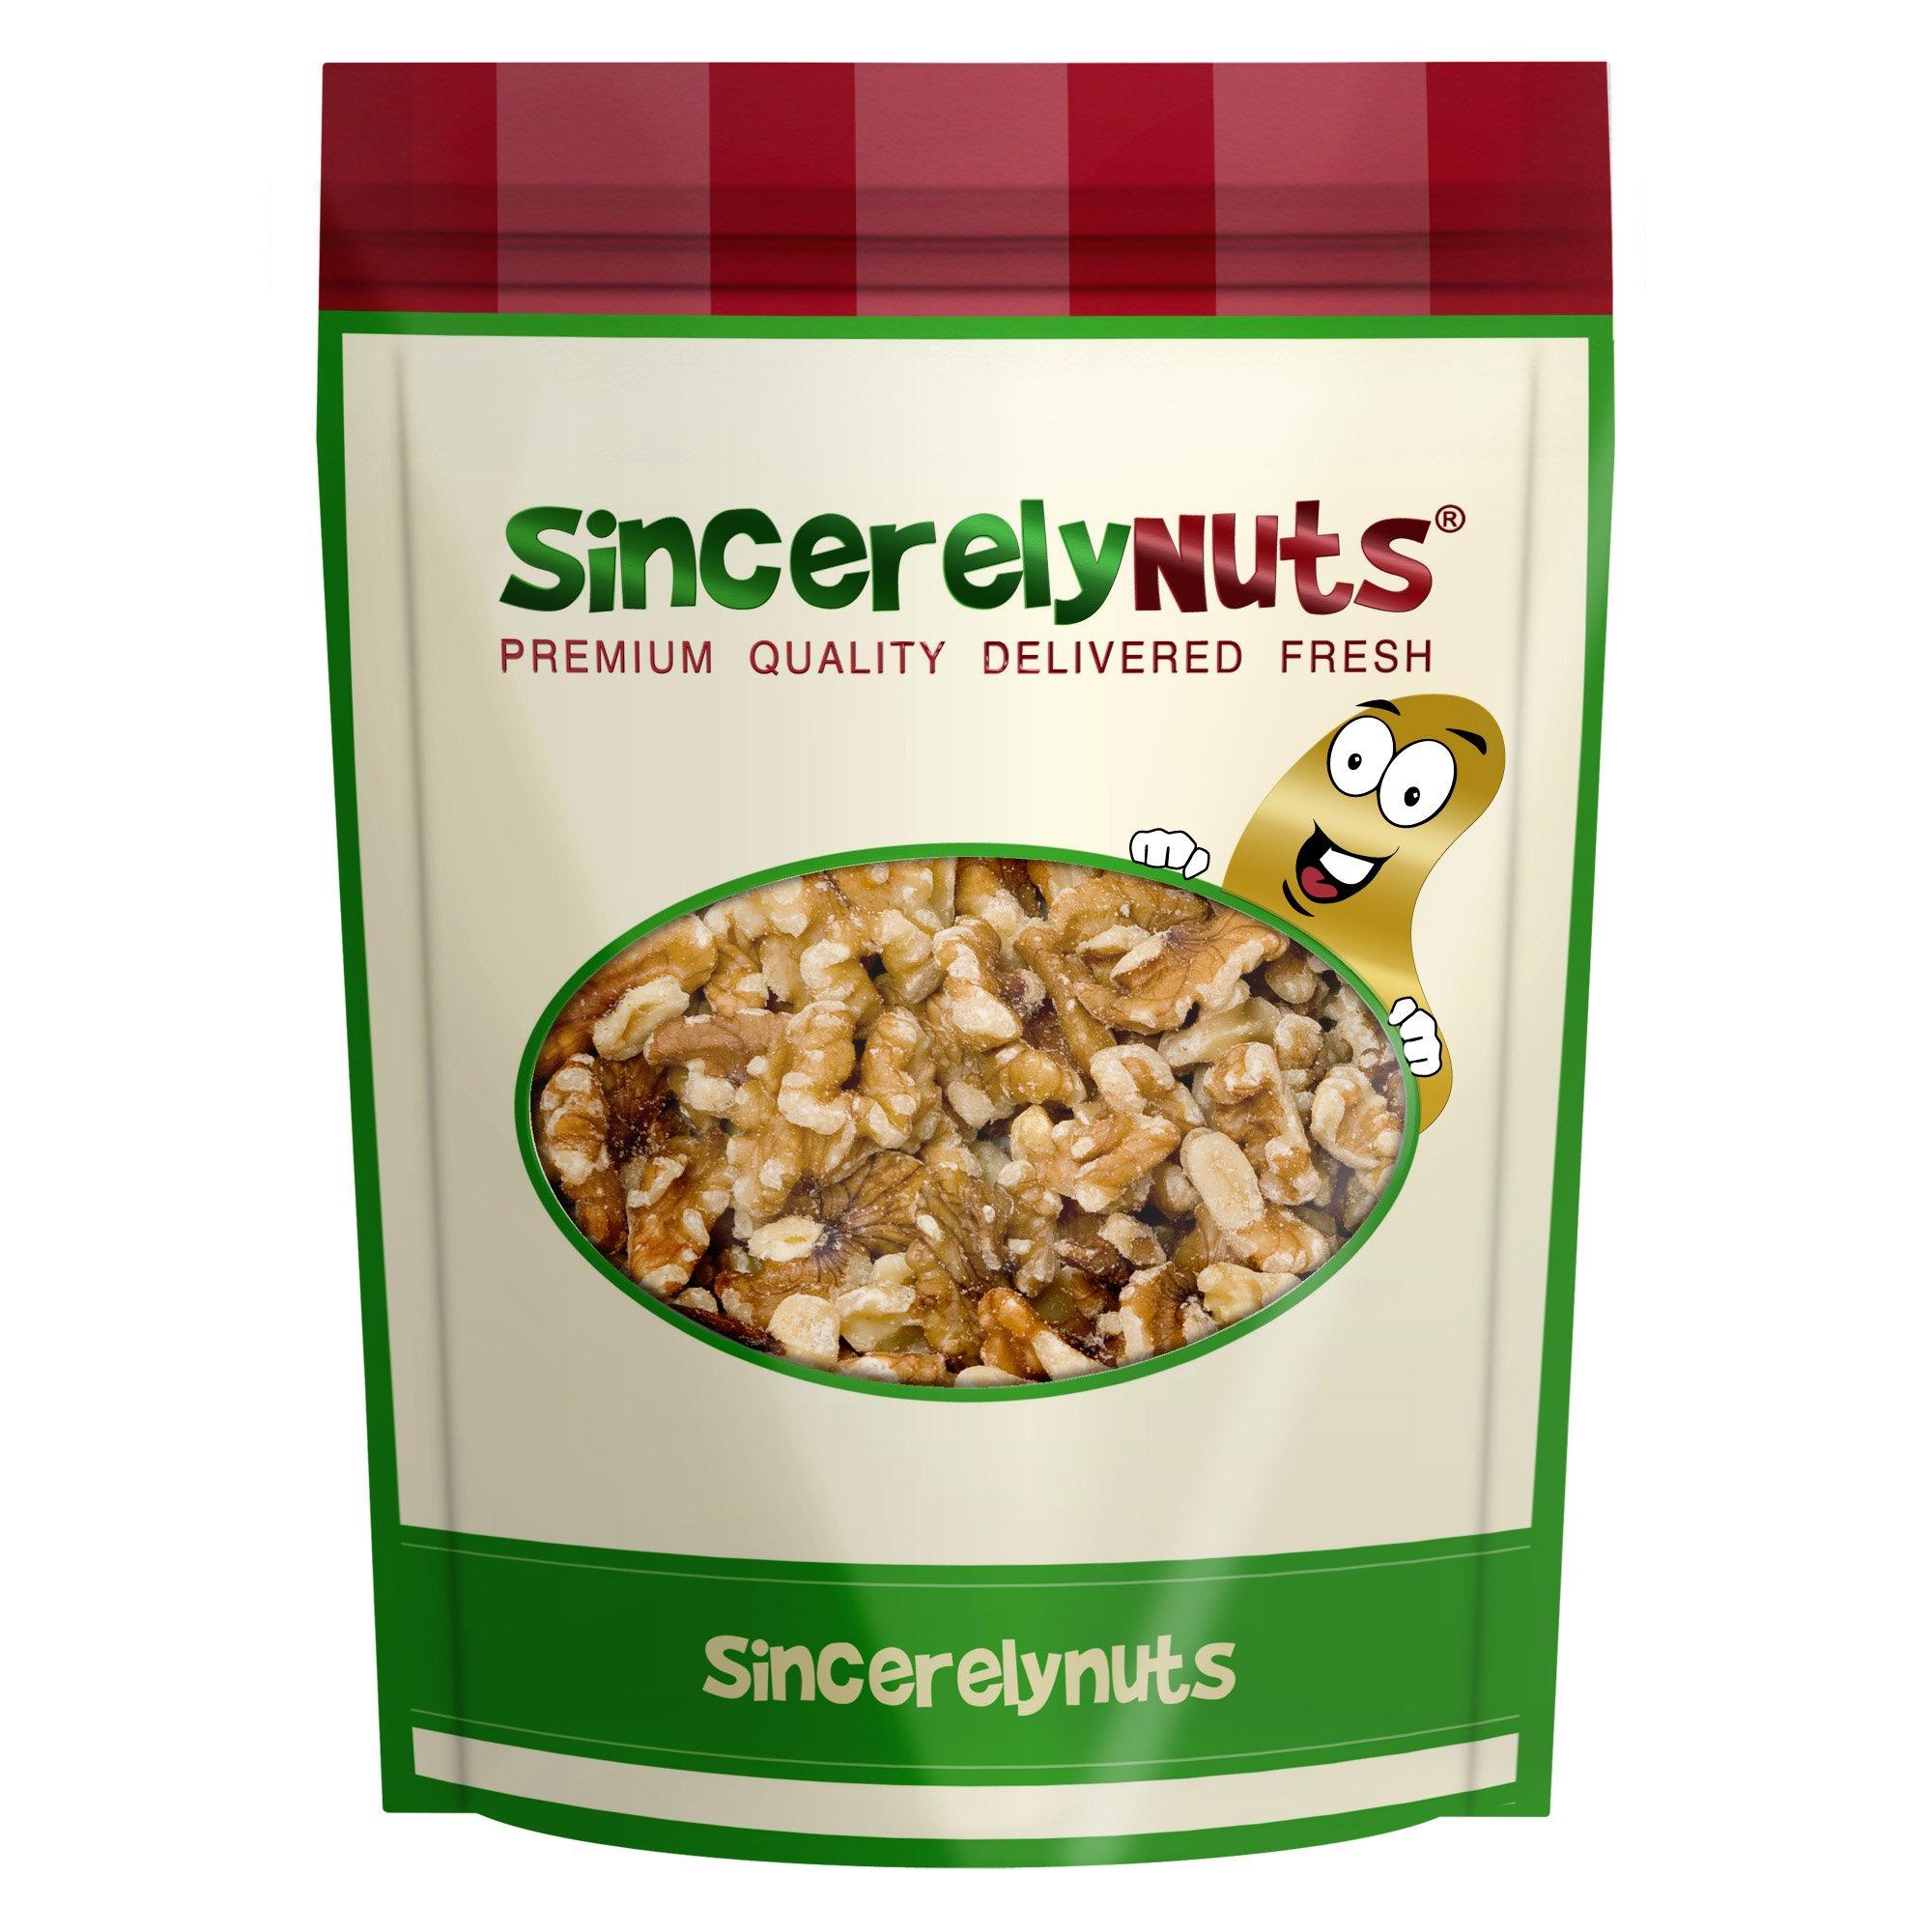 Sincerely Nuts Raw Walnuts Halves & Pieces 2 Lb